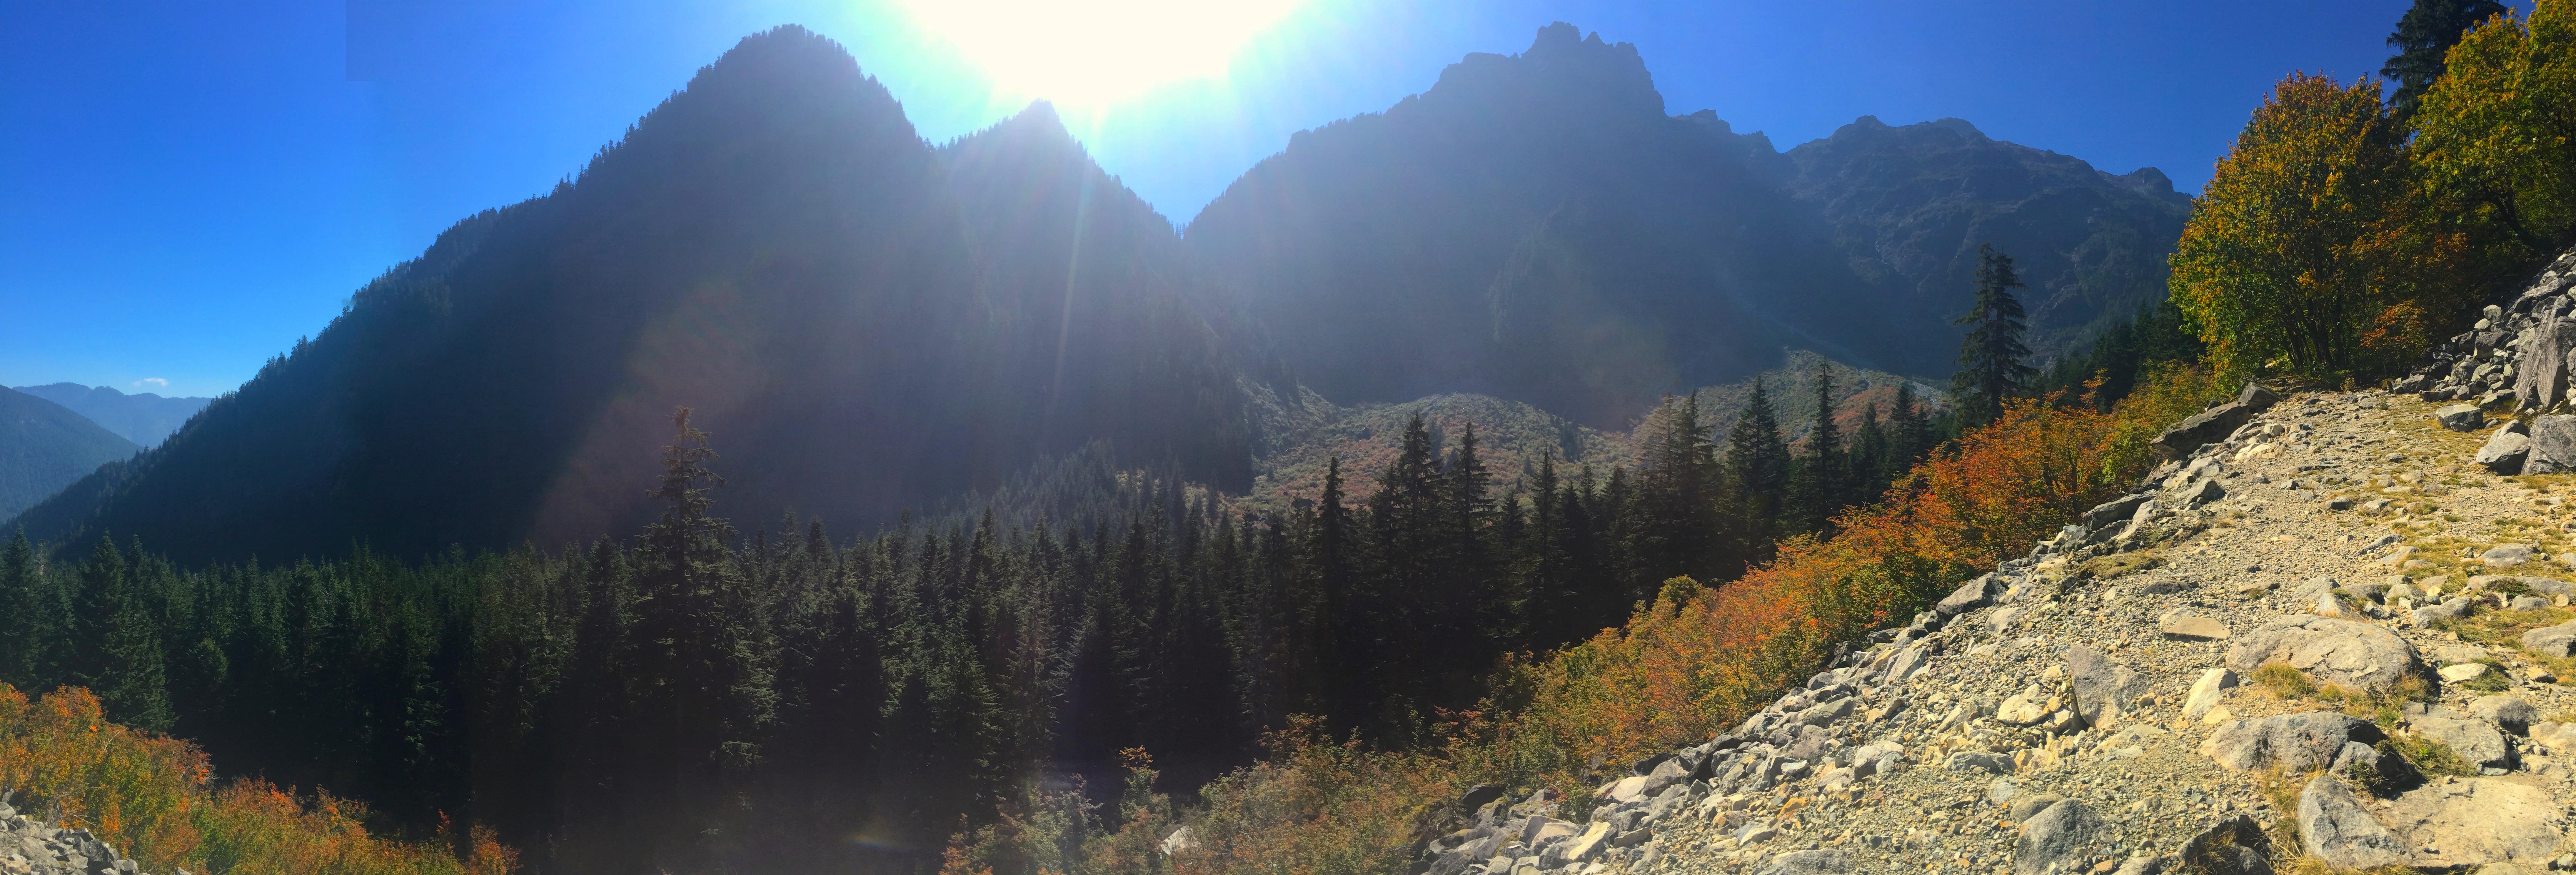 Golden Valley County - Home Facebook